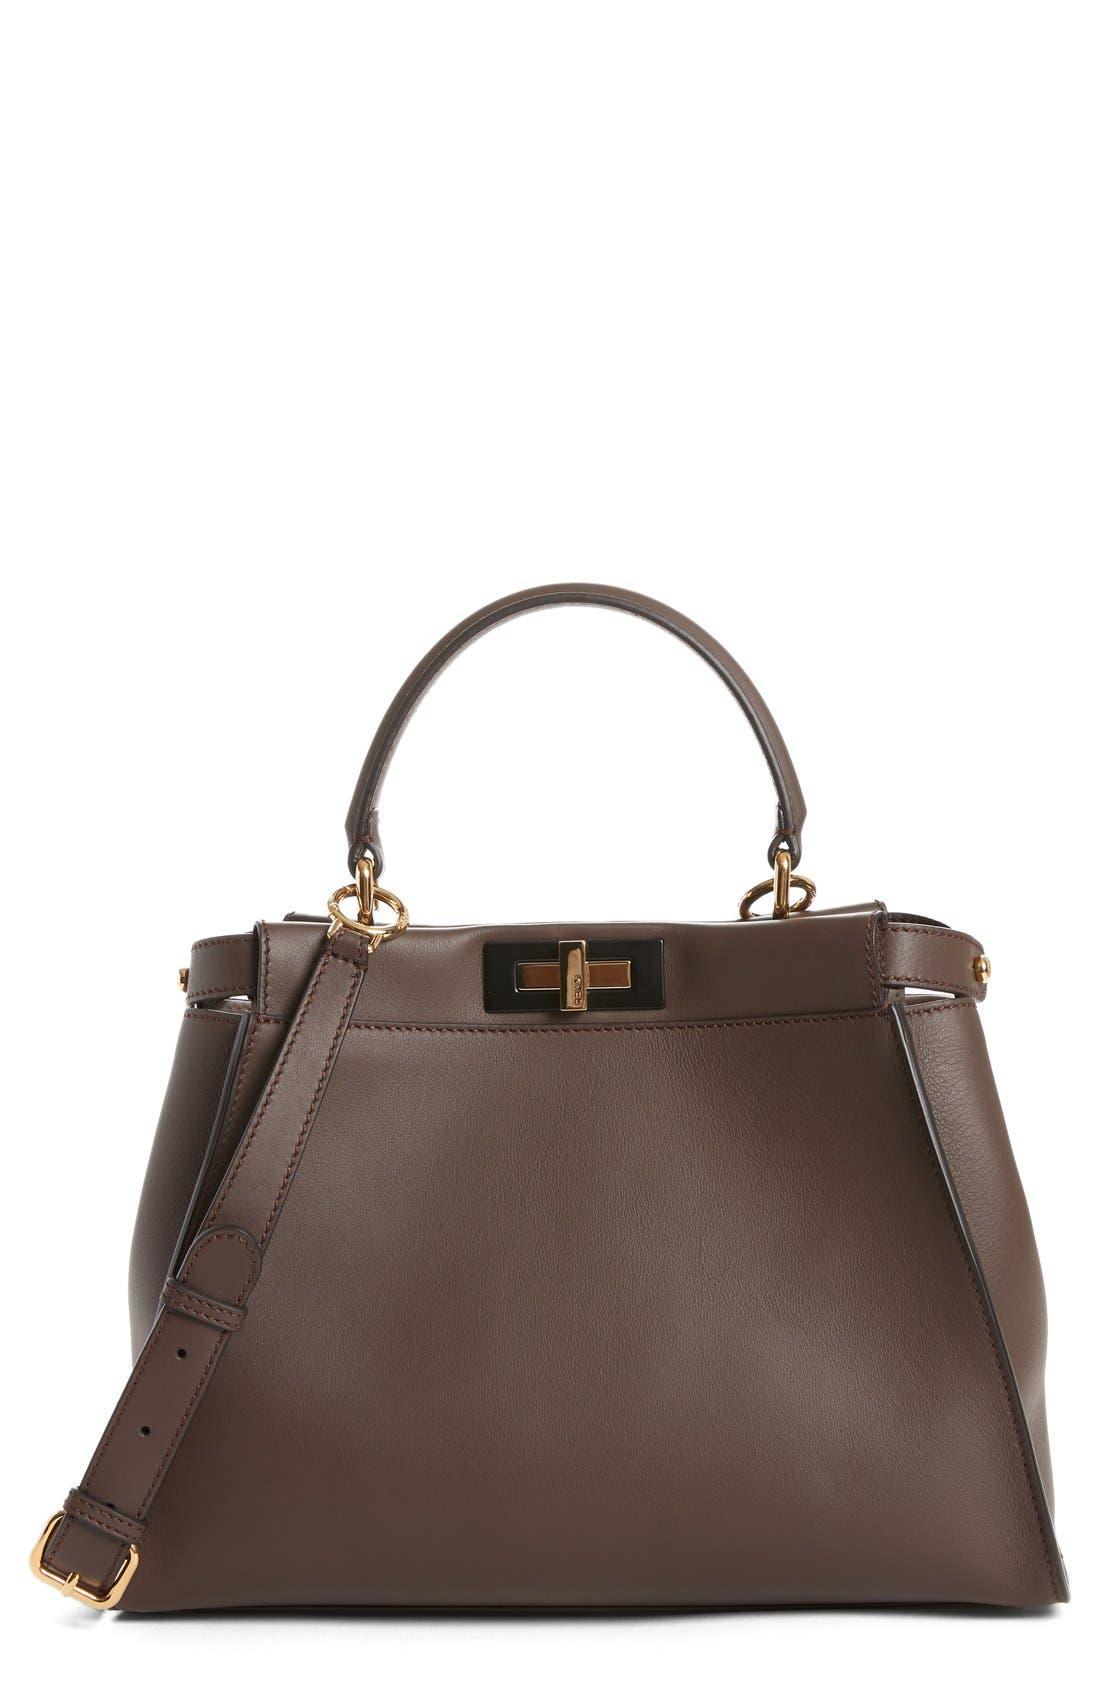 Fendi 'Peek-A-Boo' Medium Crossbody Bag